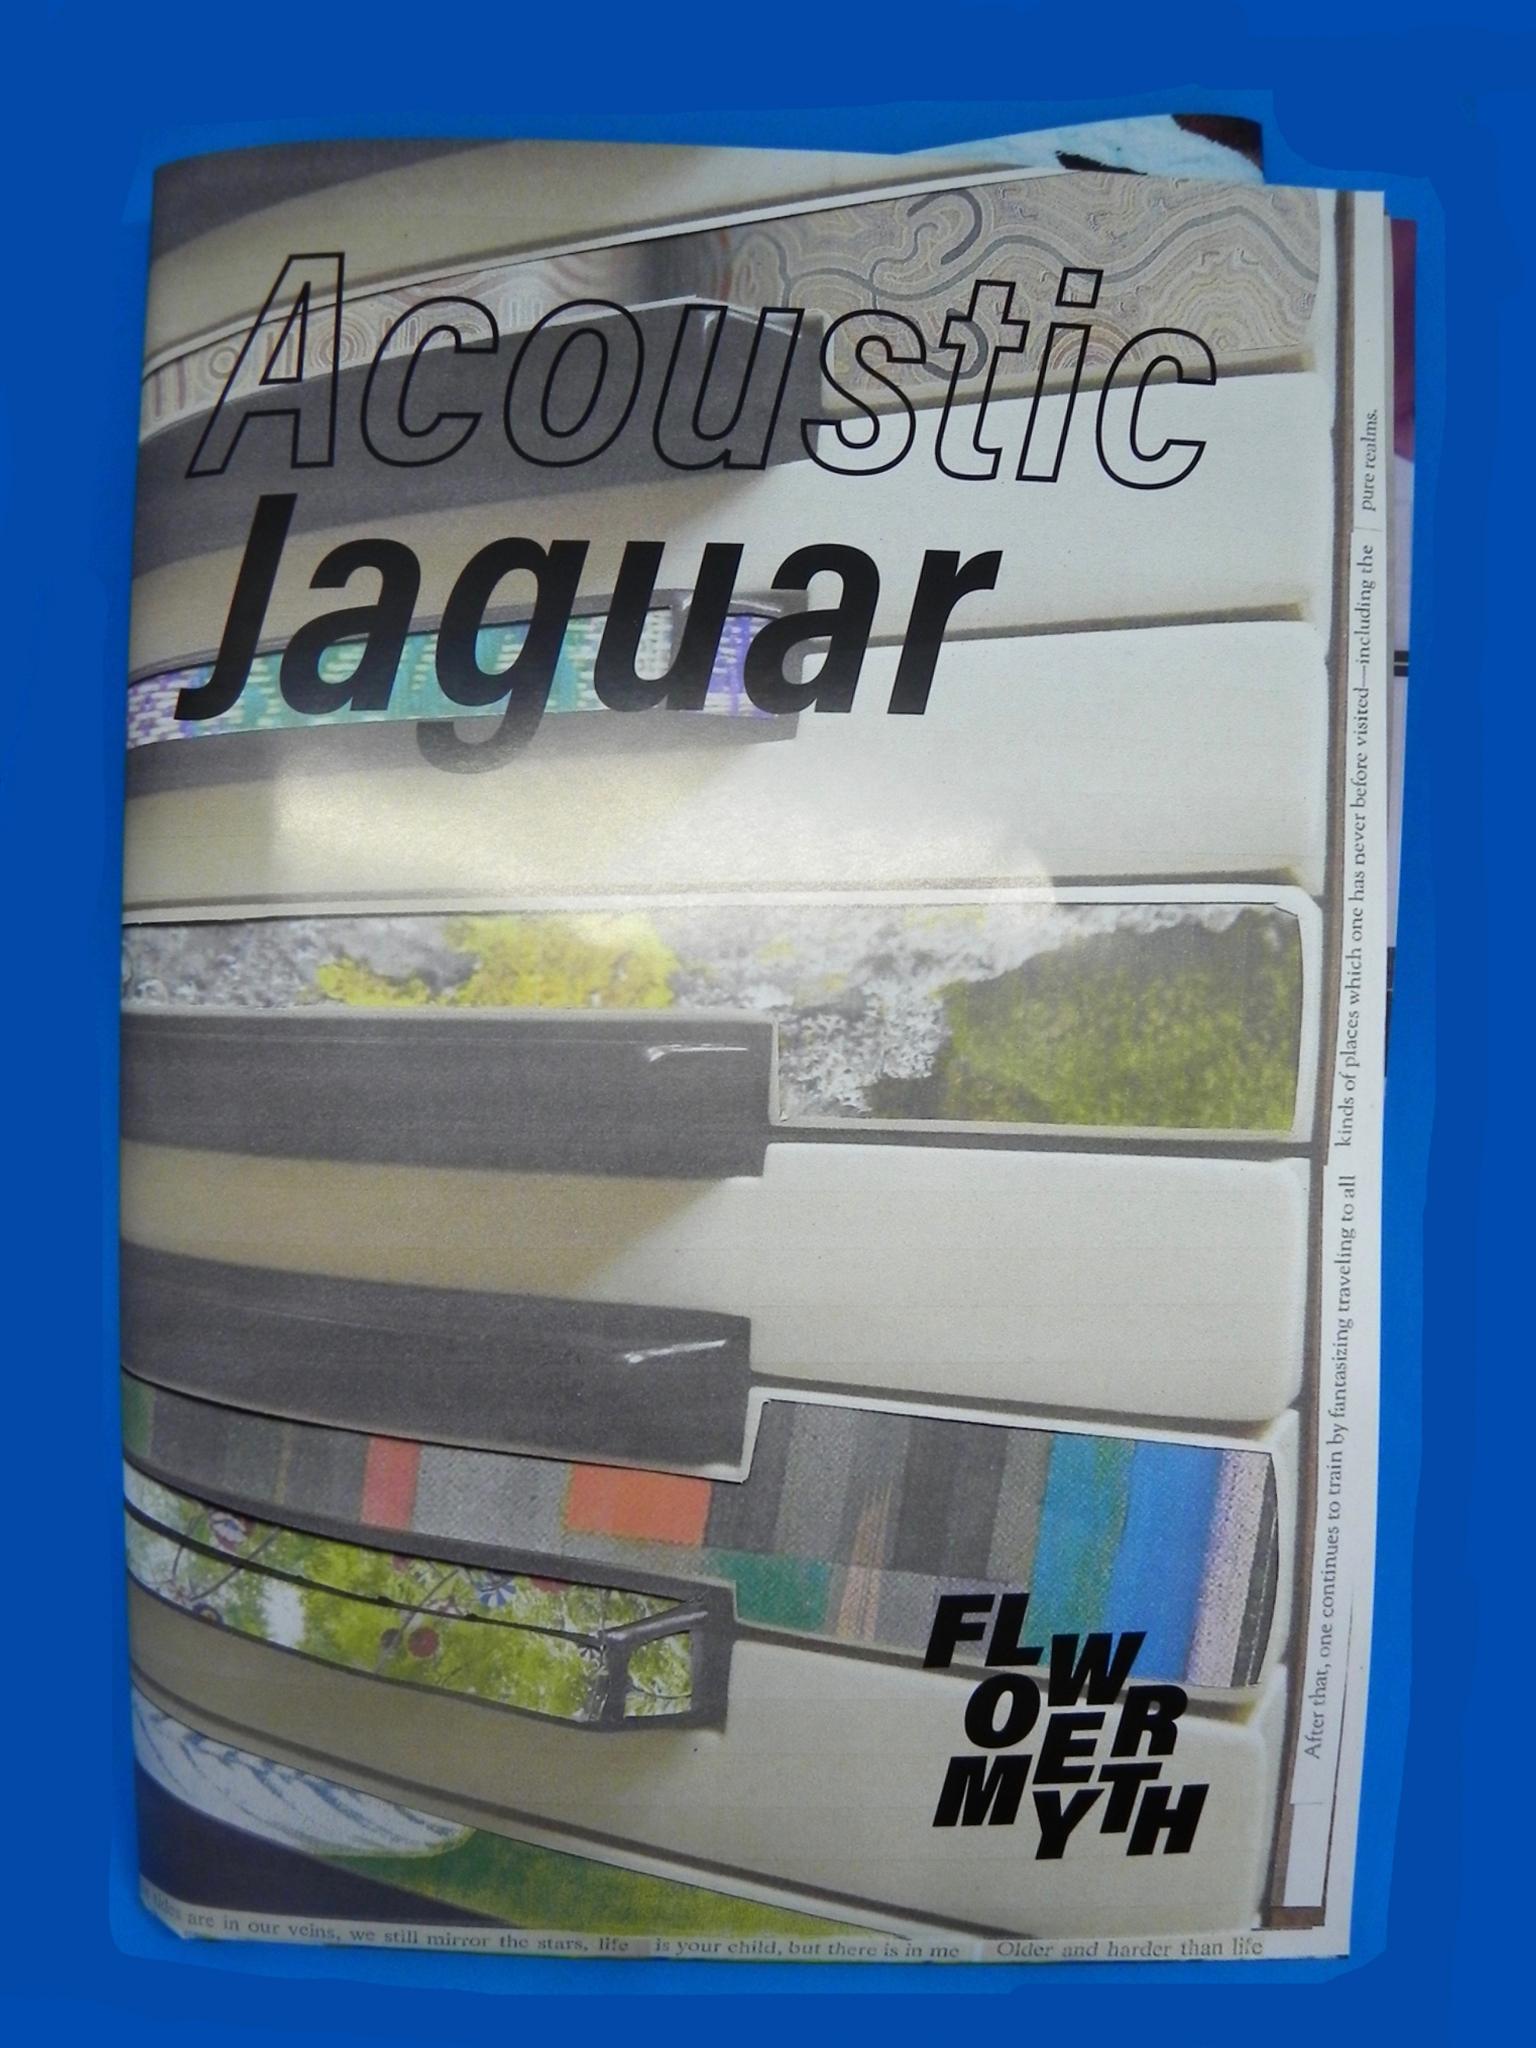 Acoustic Jaguar Volume 1